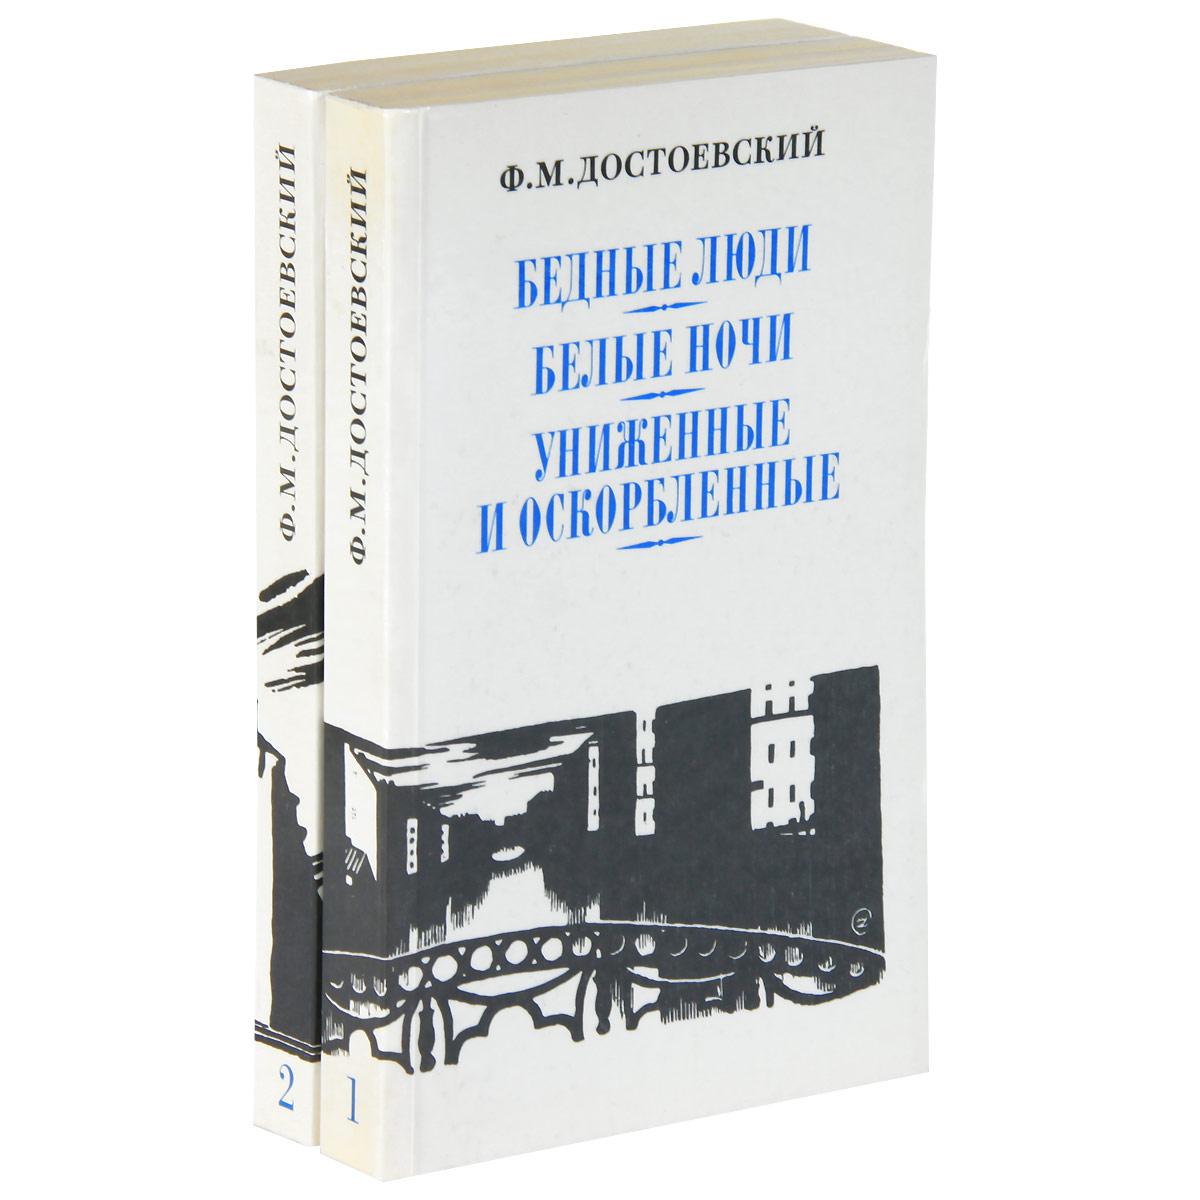 Ф. М. Достоевский Ф. М. Достоевский. Сочинения в 2 томах (комплект) средство для потенции ф 16